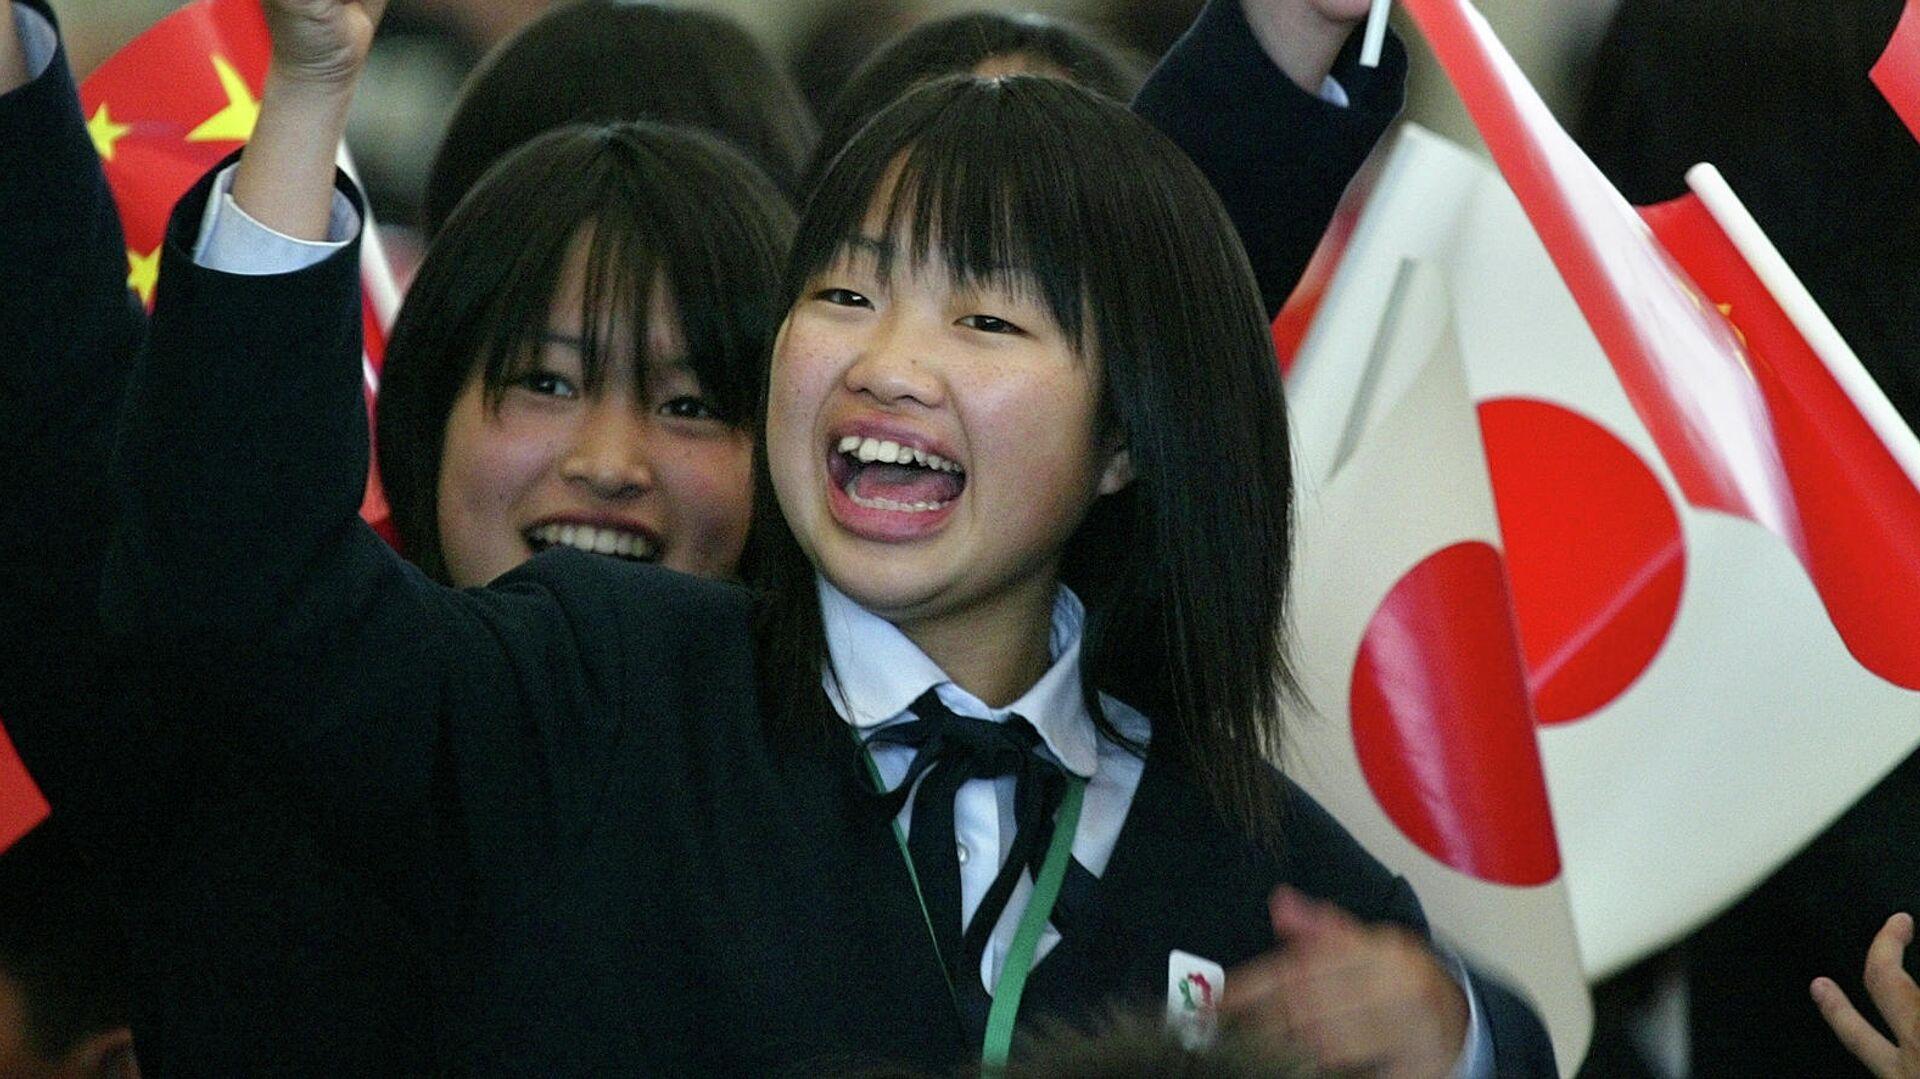 Японские школьники с флагами Японии и Китая. 2005 год  - РИА Новости, 1920, 28.03.2019